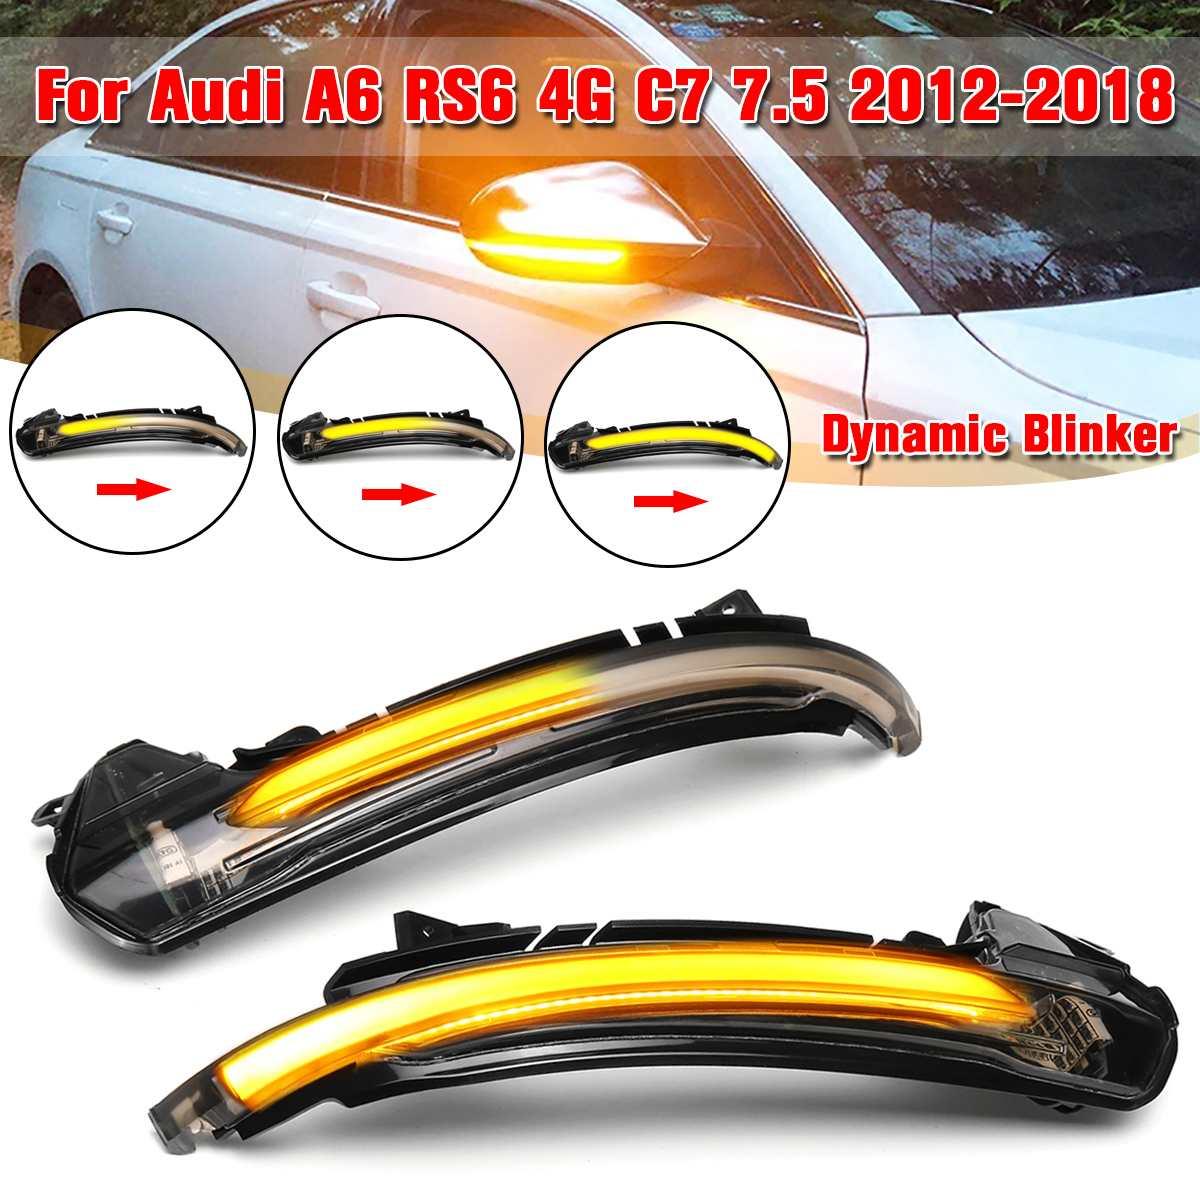 1 paire Dynamique Clignotant Rétroviseur Indicateur clignotant LED pour Audi A6 RS6 4G C7 7.5 2012 2013 2014 2015 2016 2017 2018